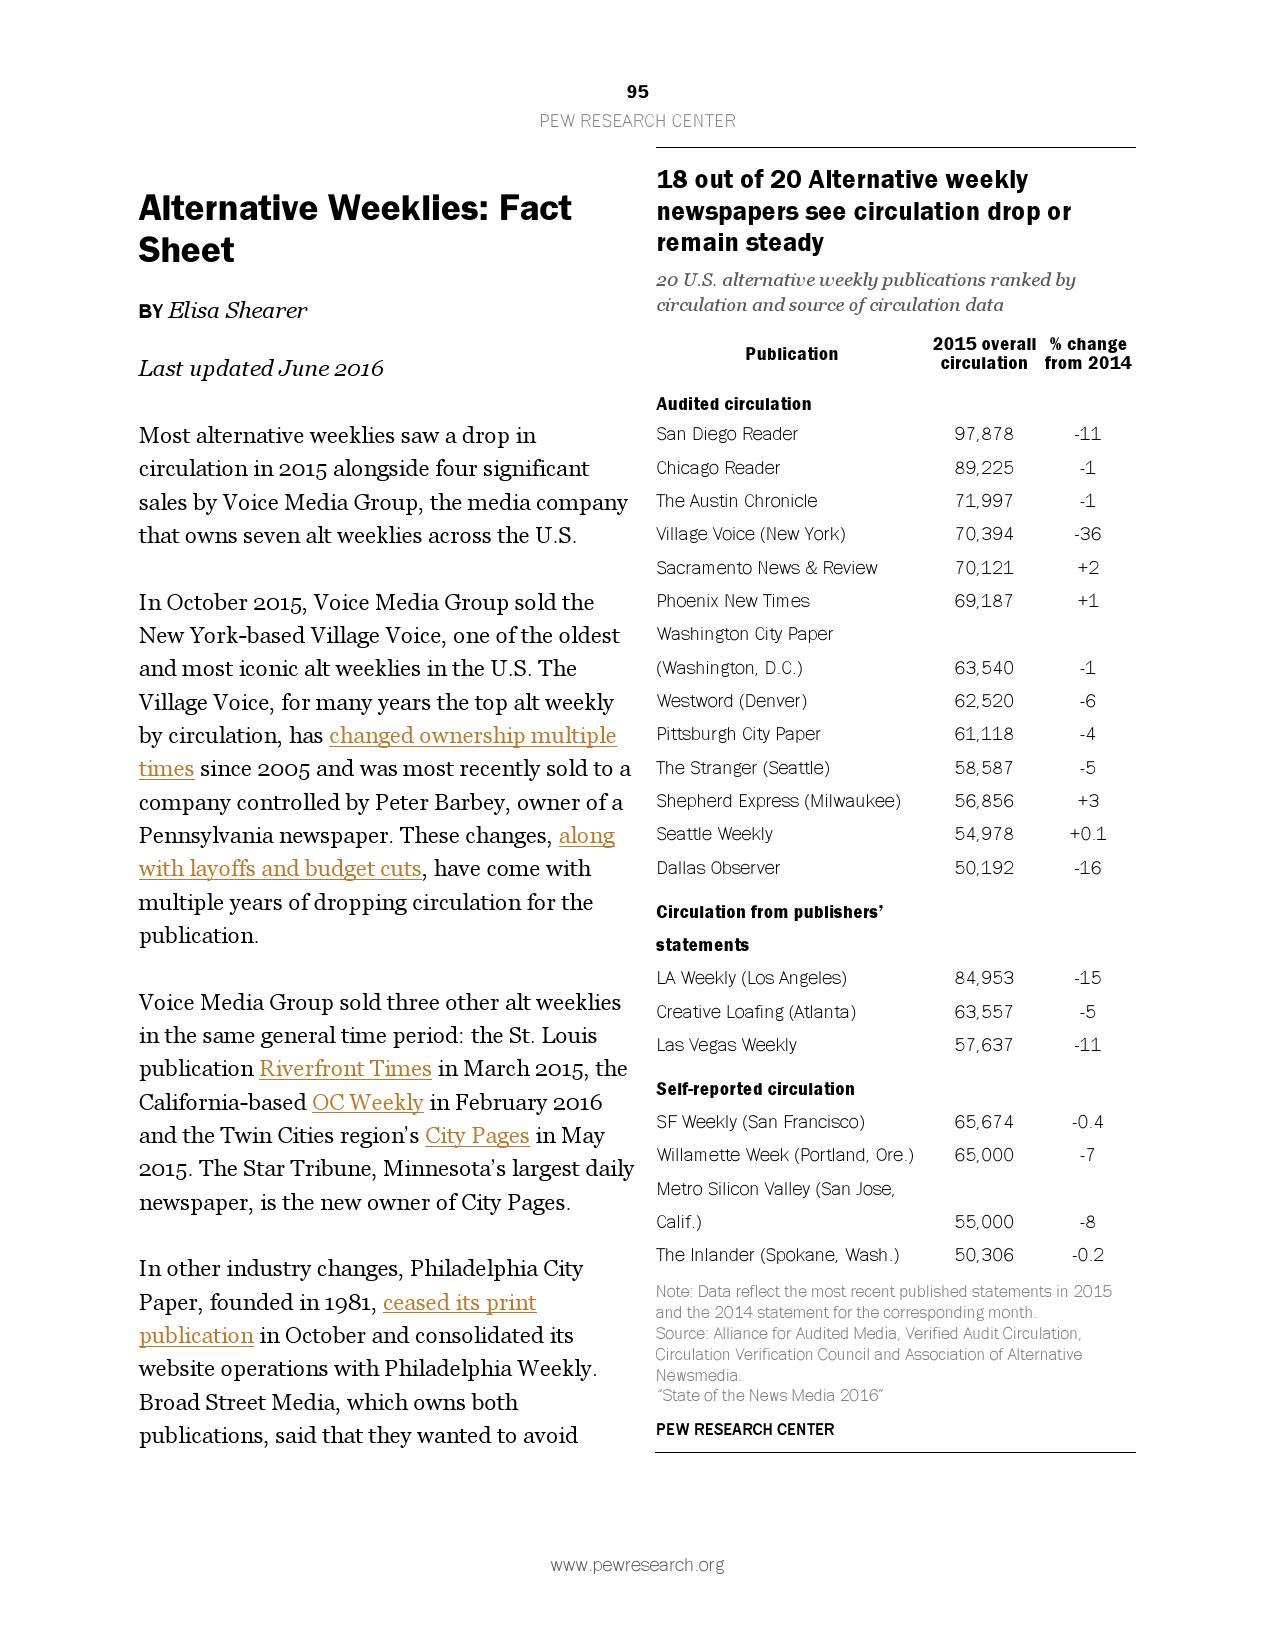 2016美国新媒体研究报告_000095